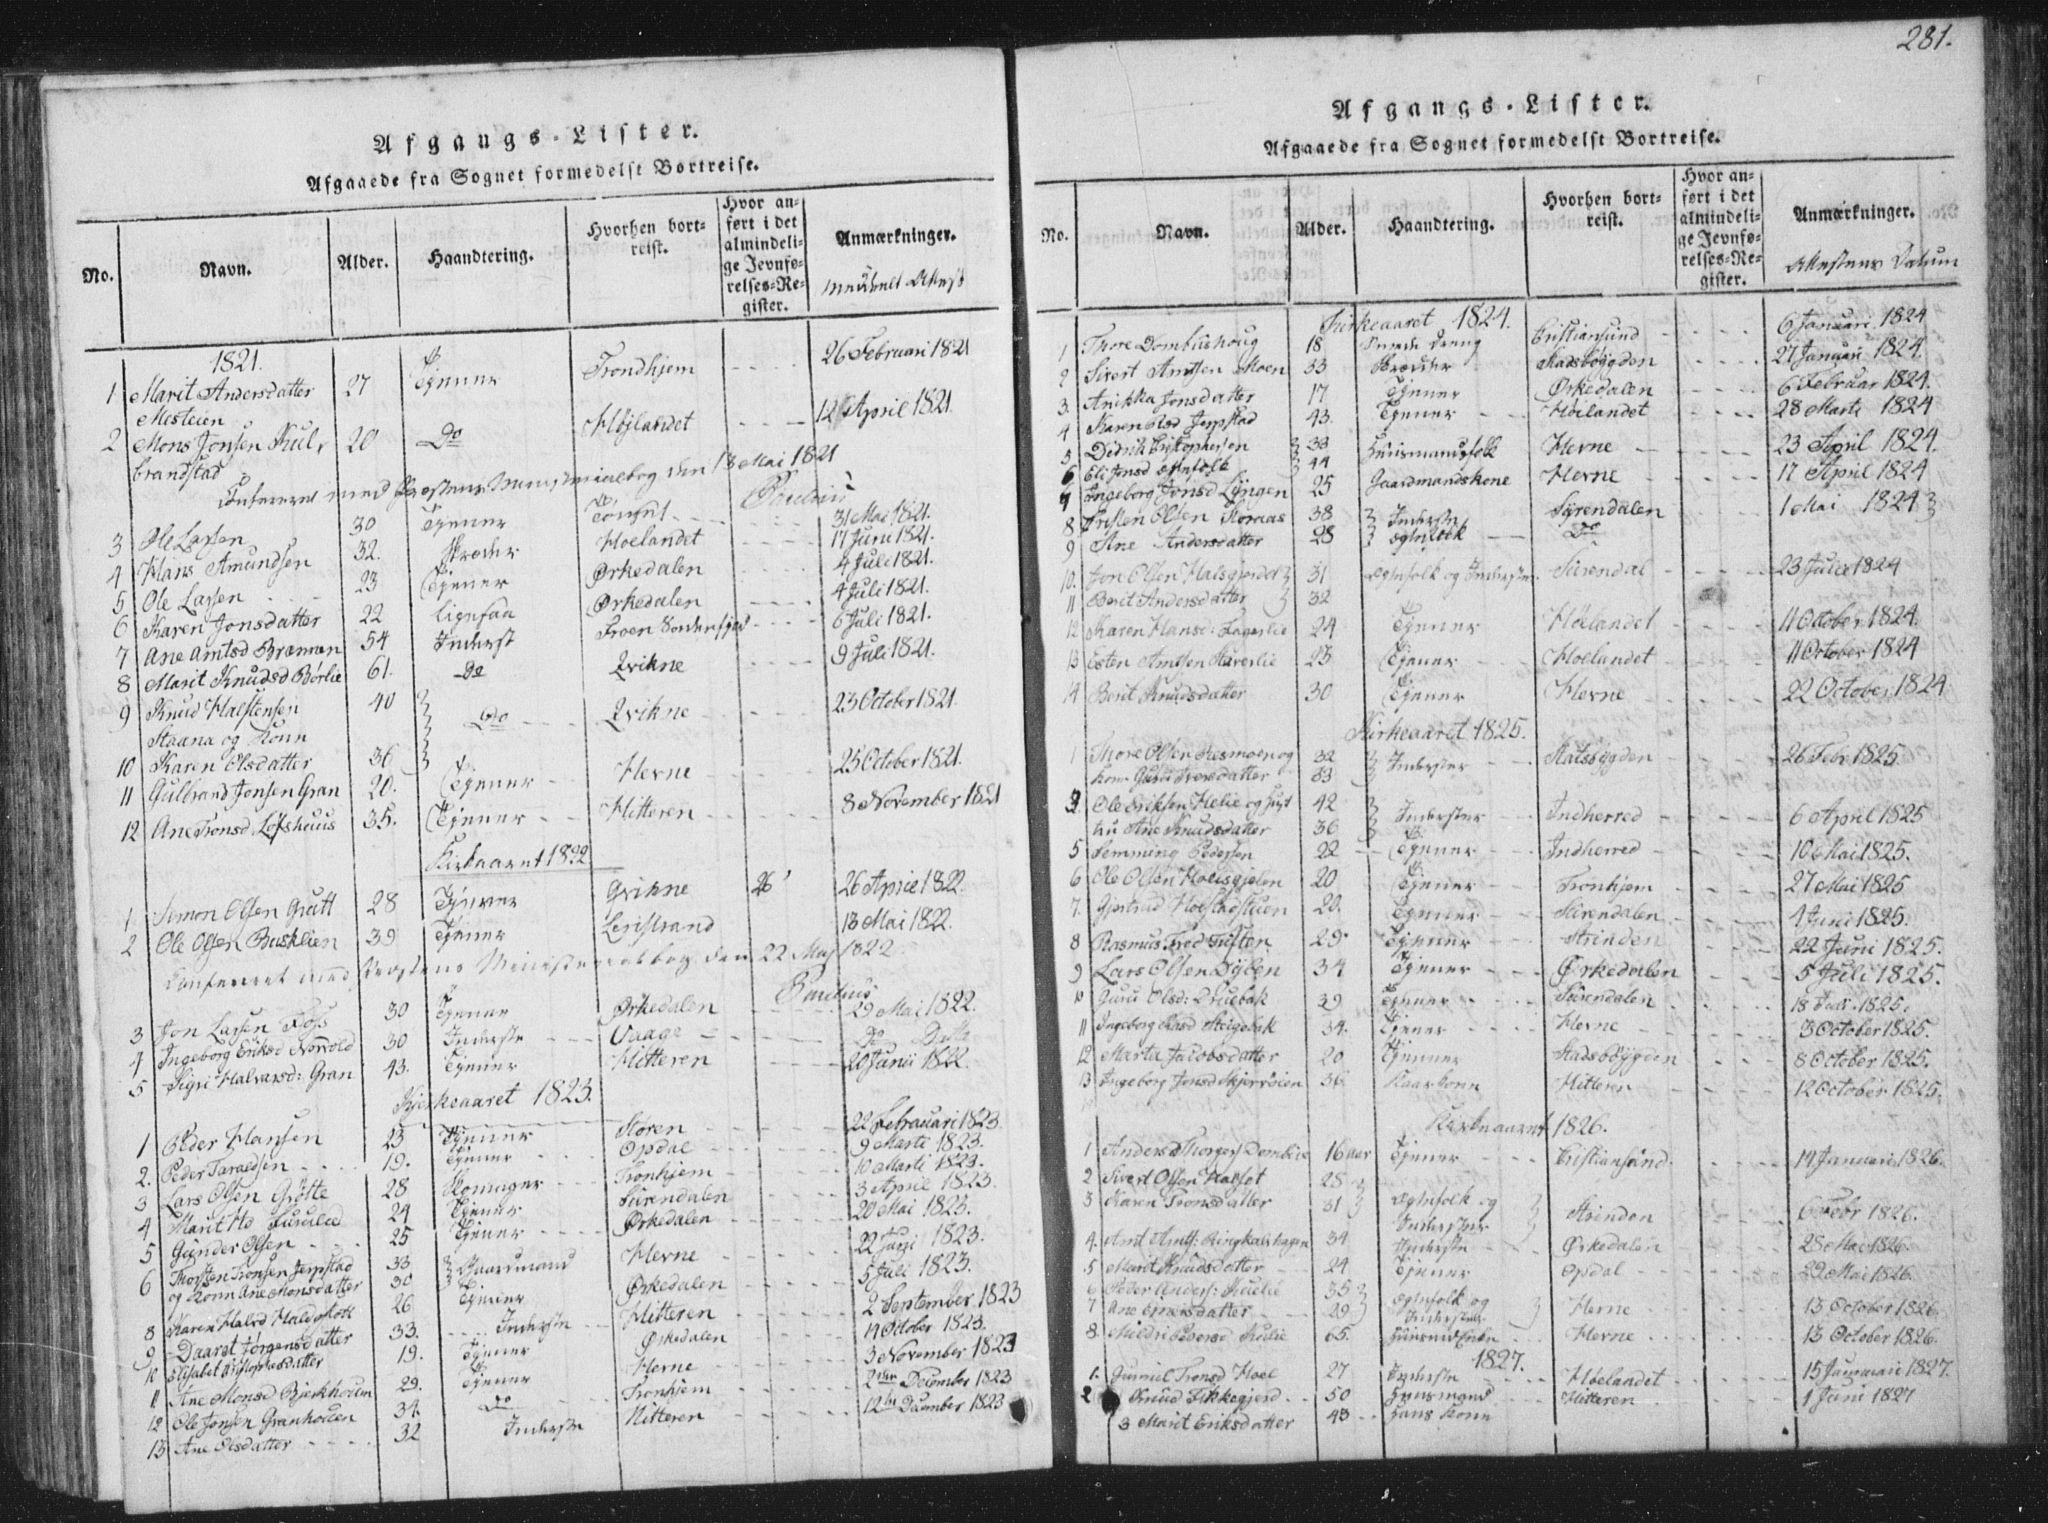 SAT, Ministerialprotokoller, klokkerbøker og fødselsregistre - Sør-Trøndelag, 672/L0862: Klokkerbok nr. 672C01, 1816-1831, s. 281